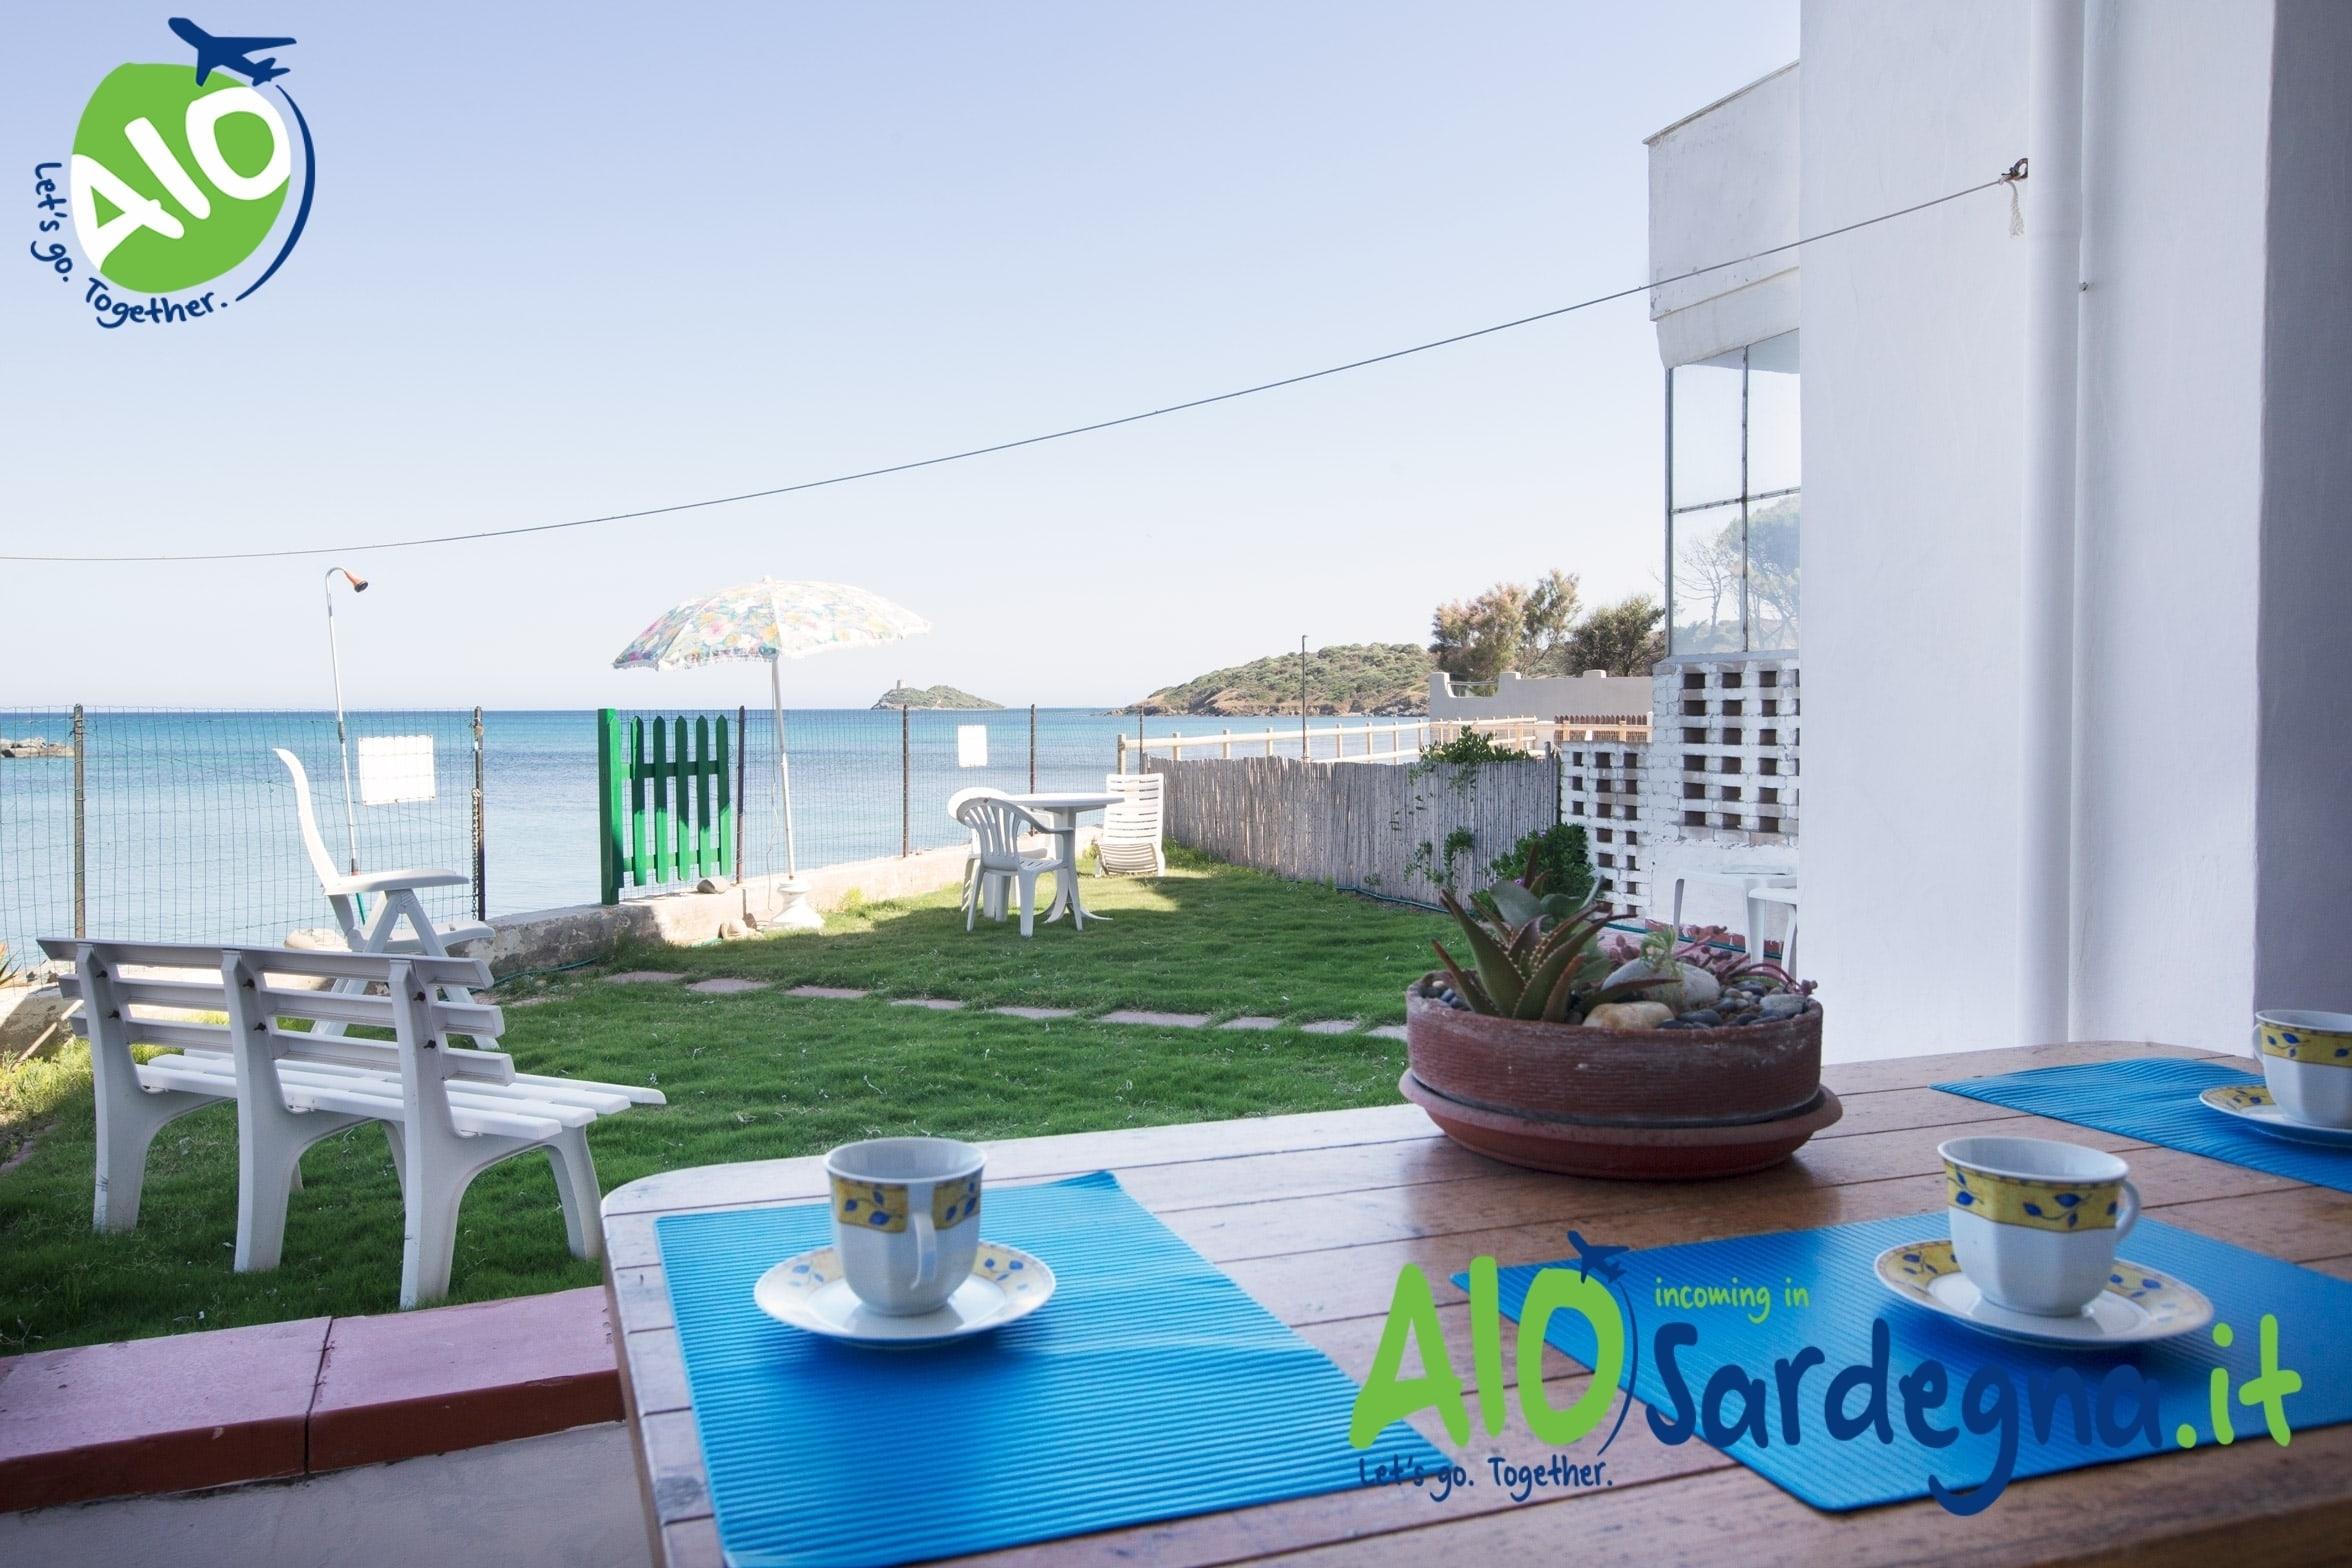 Location Vacances Villa vacances Pieds dans l'eau Perd'e Sali Pula Sardaigne Sud